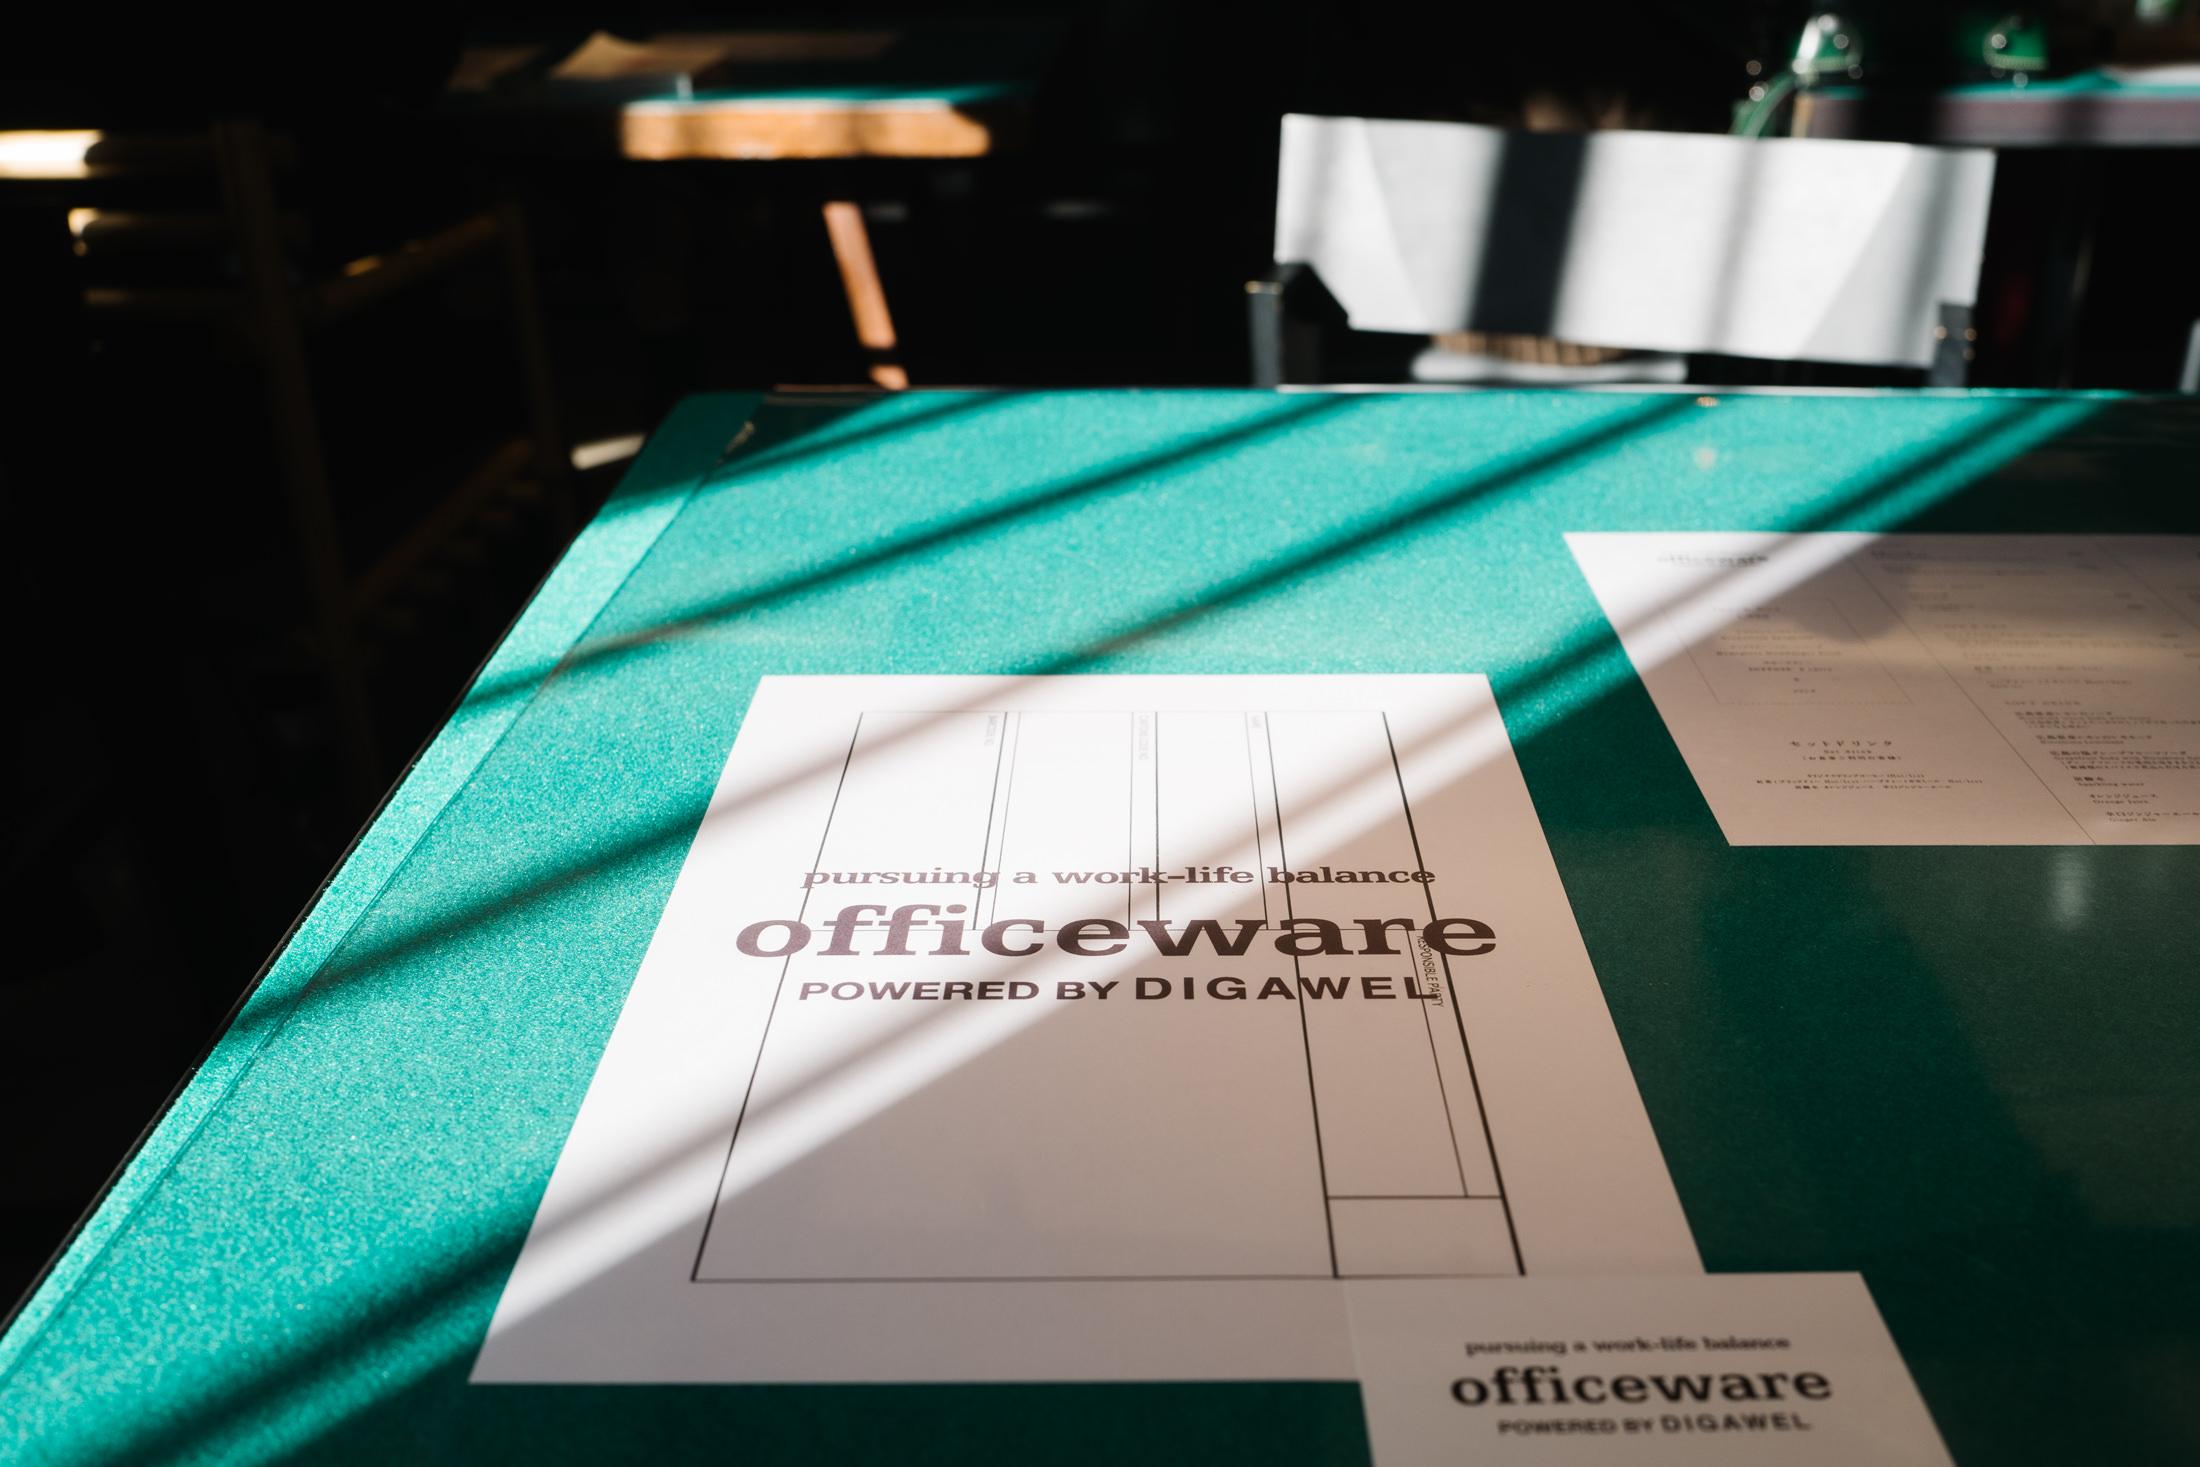 officeware POWERD BY DIGAWEL